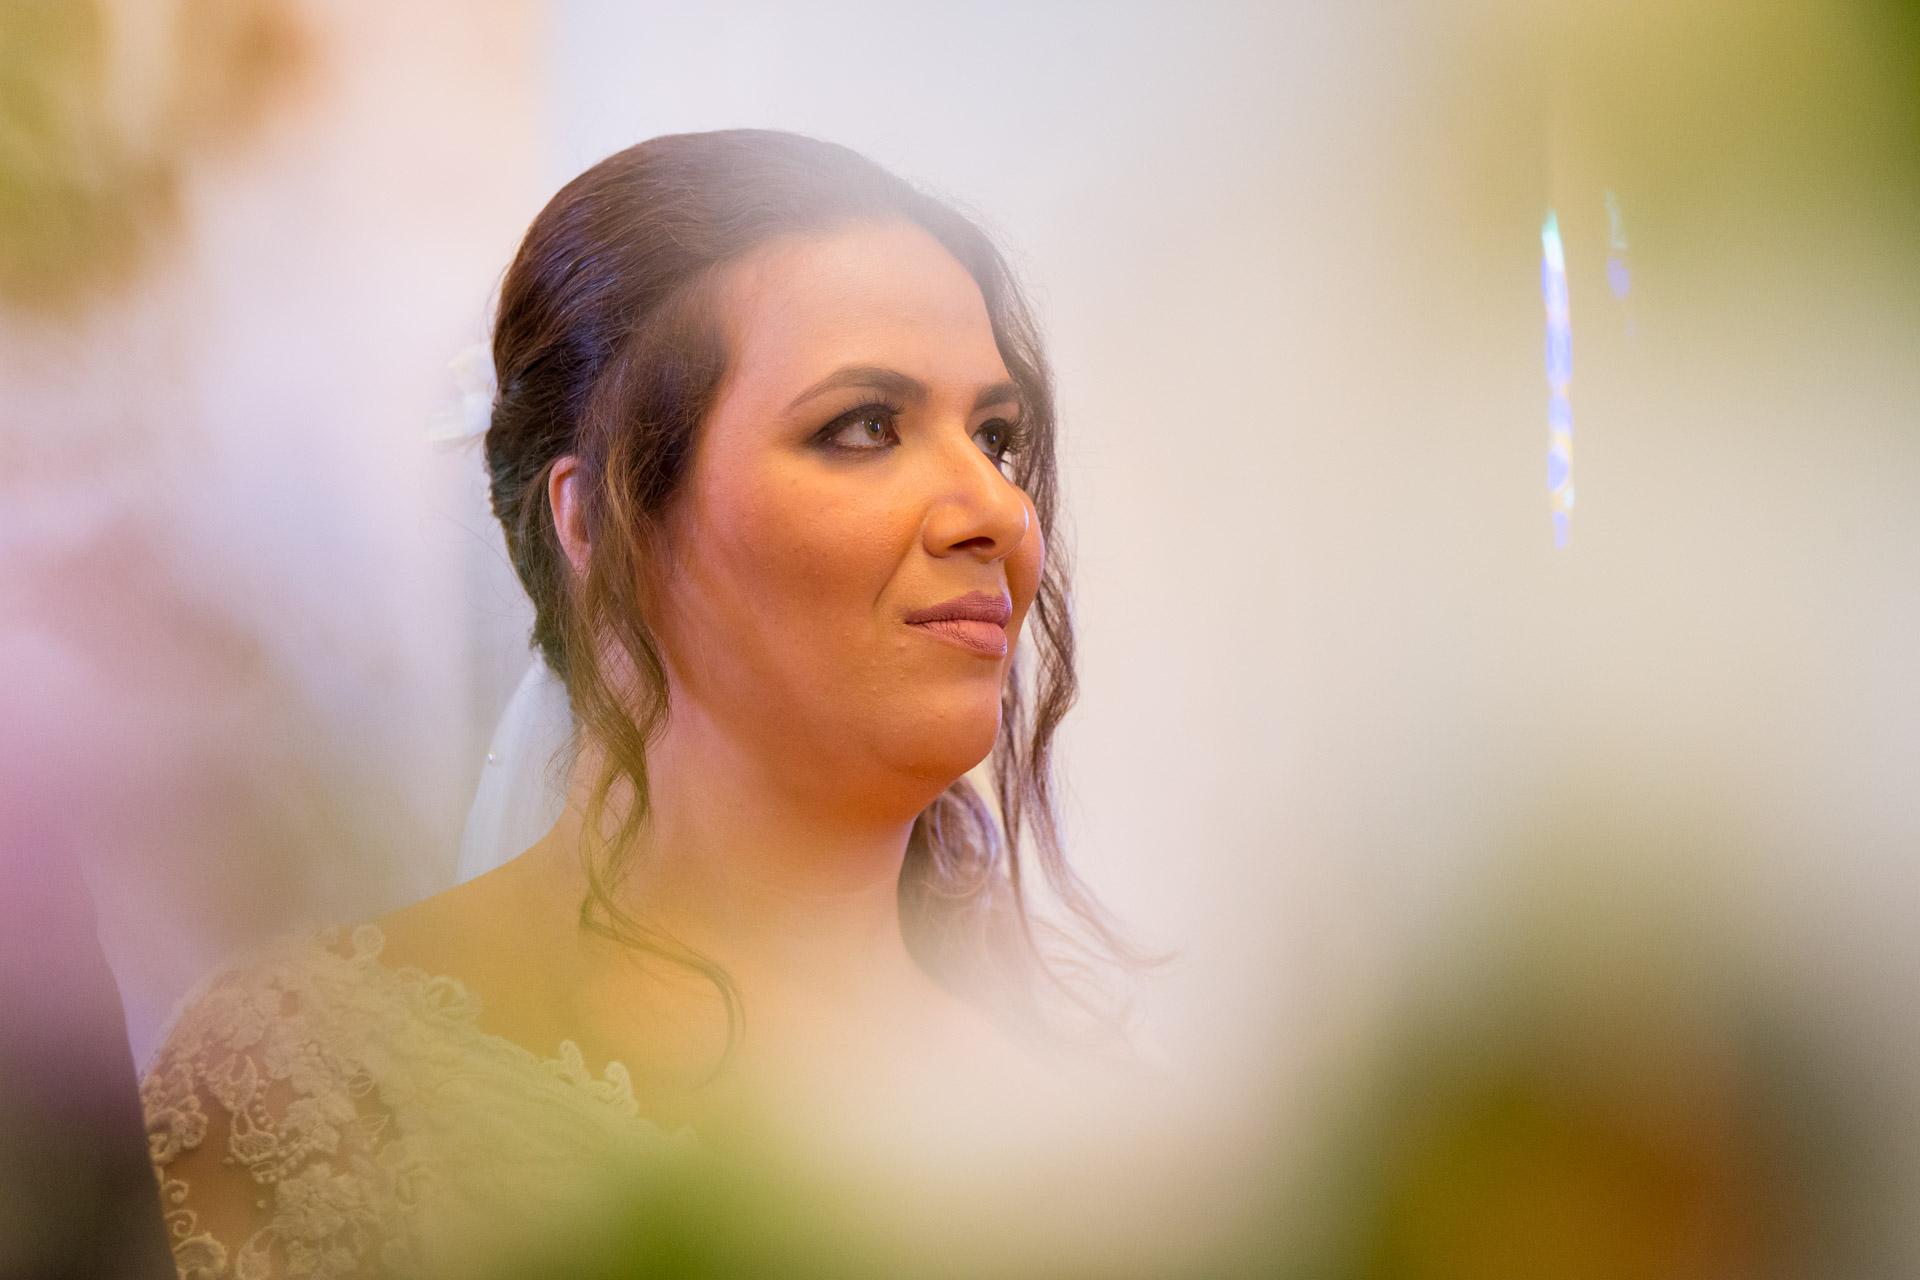 portrait de la mariee dans l'eglise avec les fleurs en premier plan